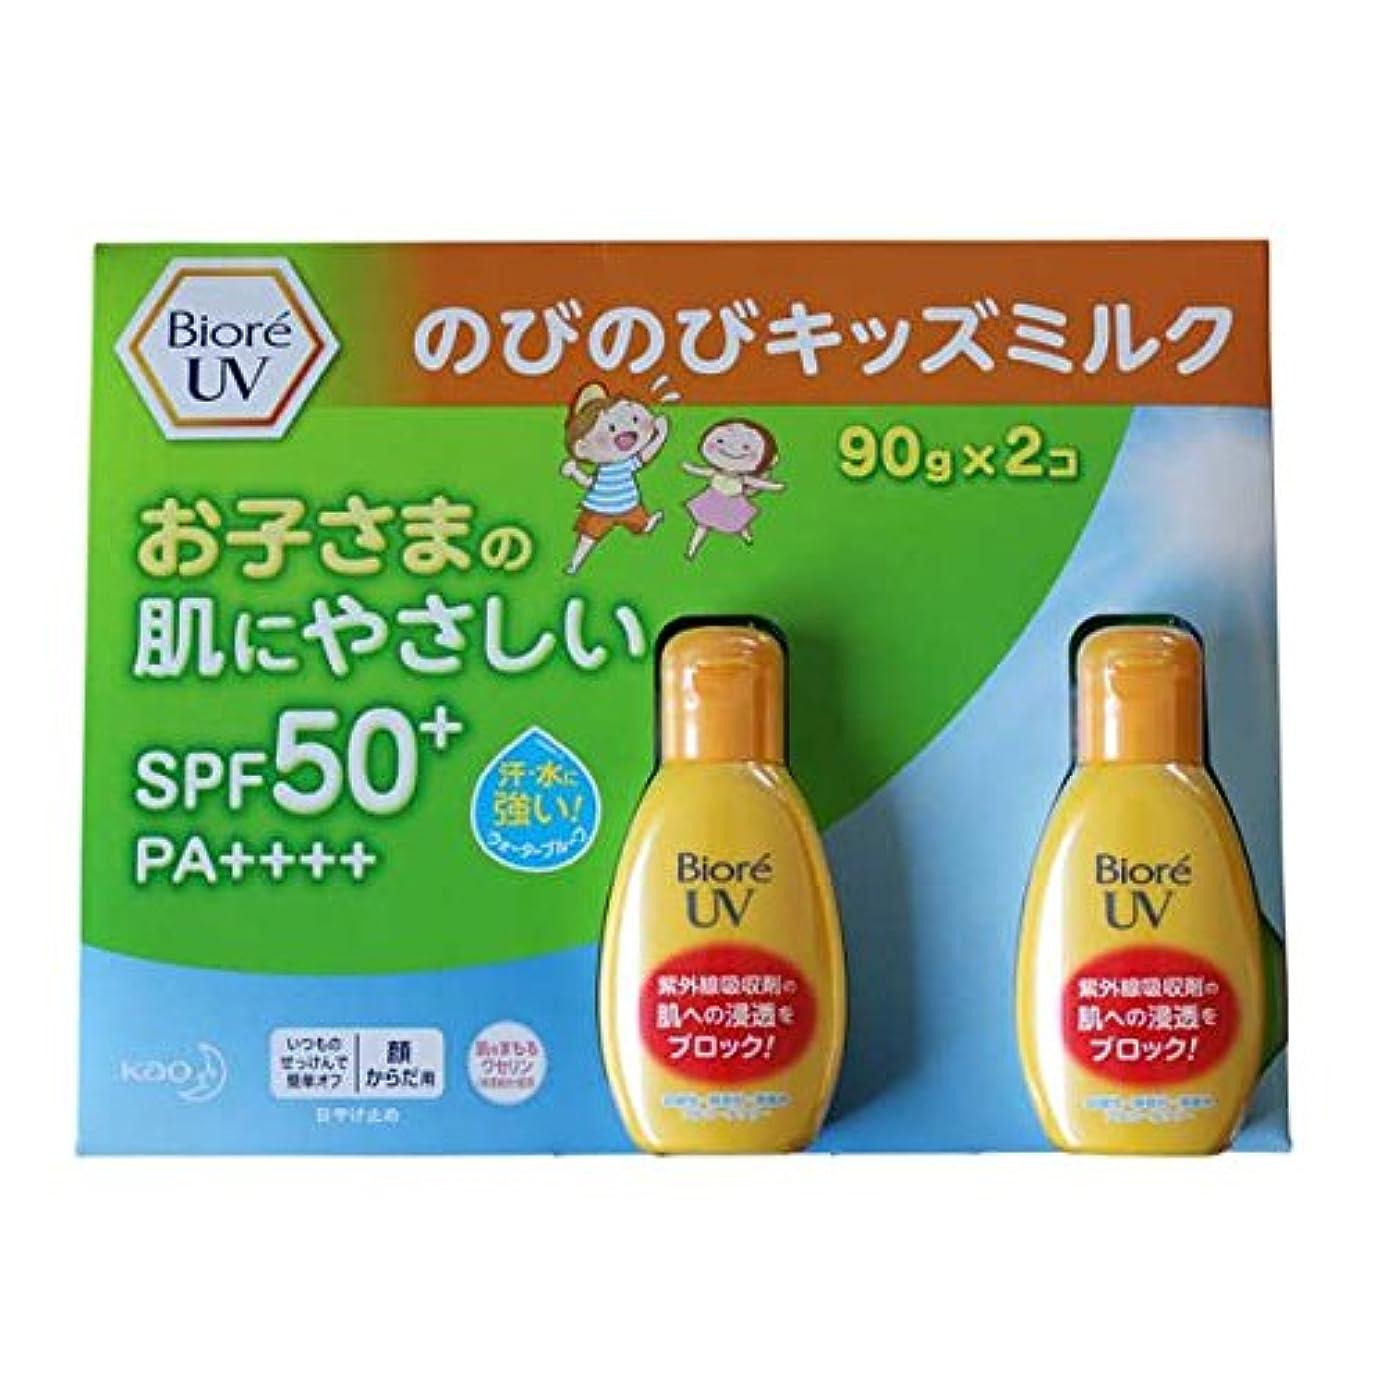 純粋にセントモート花王 ビオレ UV のびのびキッズミルク 日焼け止め乳液 SPF50+ PA++++ 90gx2本セット 強力紫外線カット